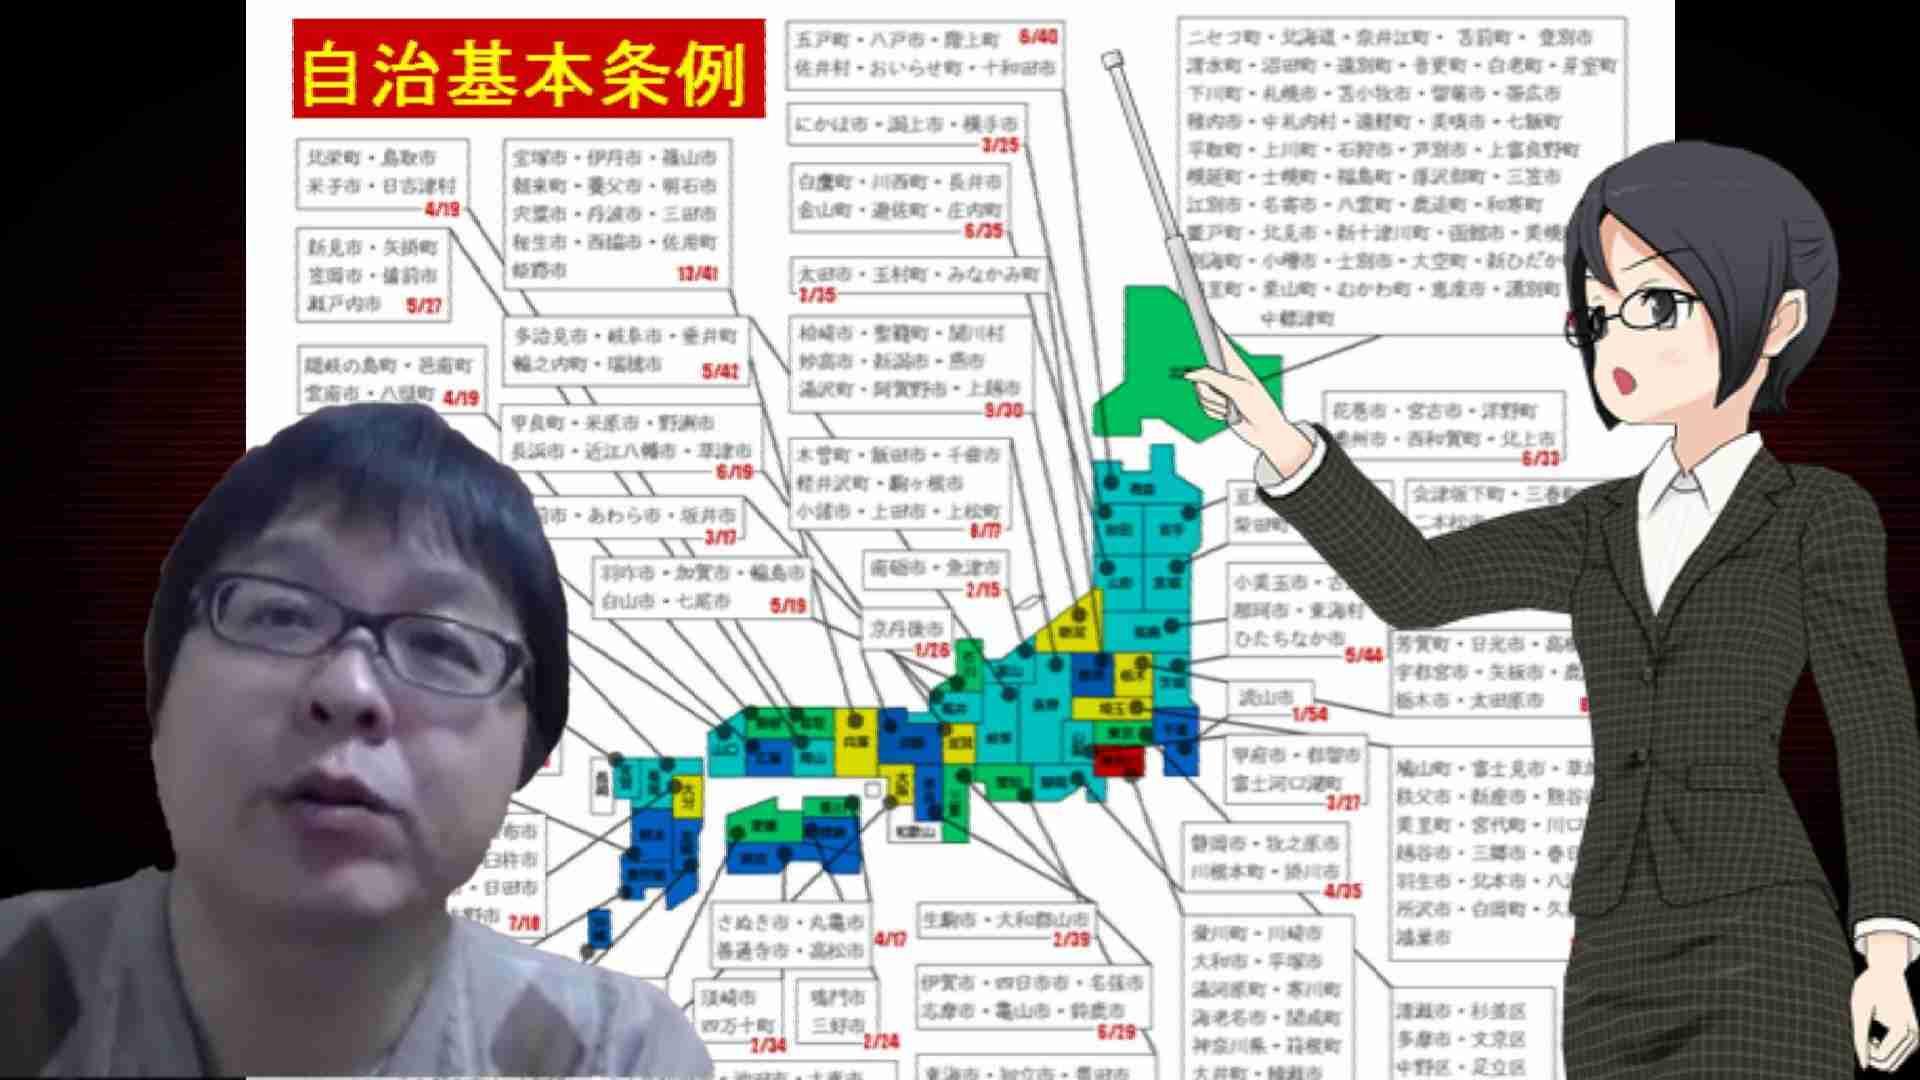 【桜井誠】事実上の『外国人参政権』が日本各地で次々制定【断固阻止】 - YouTube